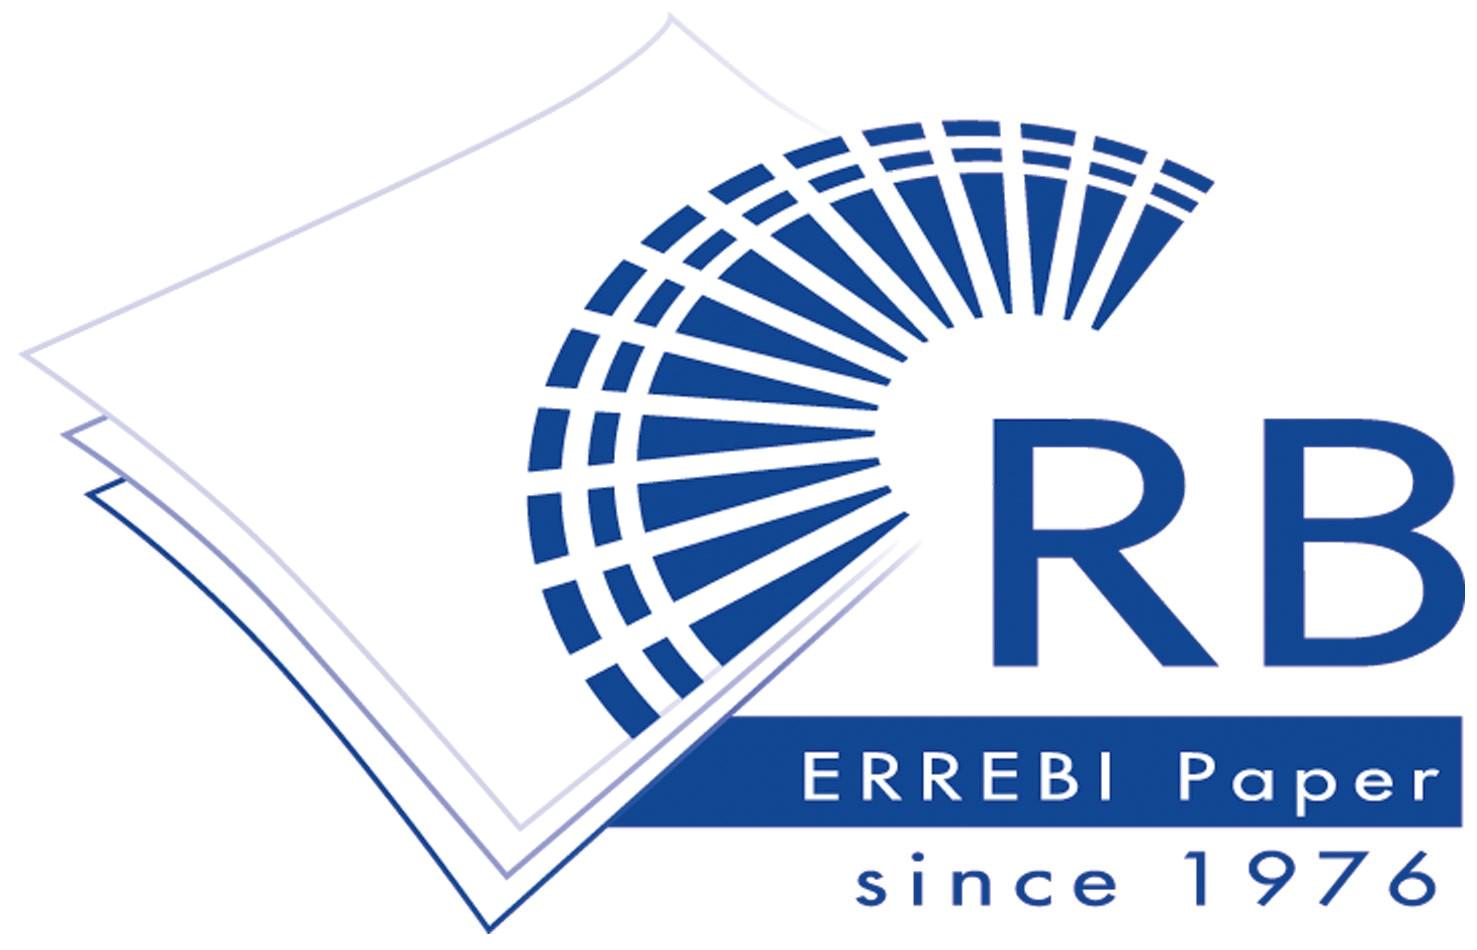 ERREBI Paper srl Industria Cartaria – Cuneo